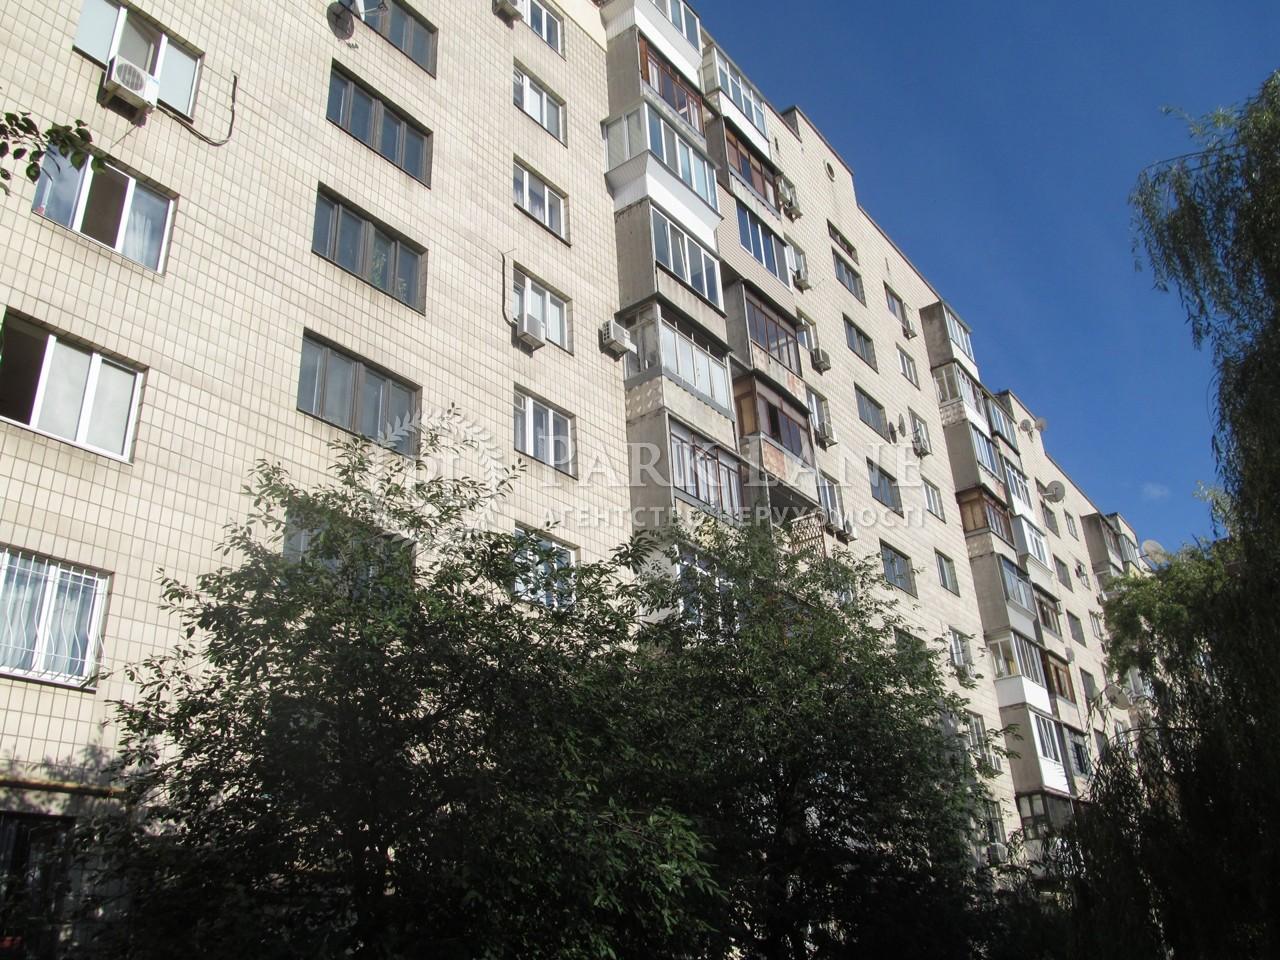 Квартира вул. Предславинська, 38, Київ, F-19821 - Фото 5